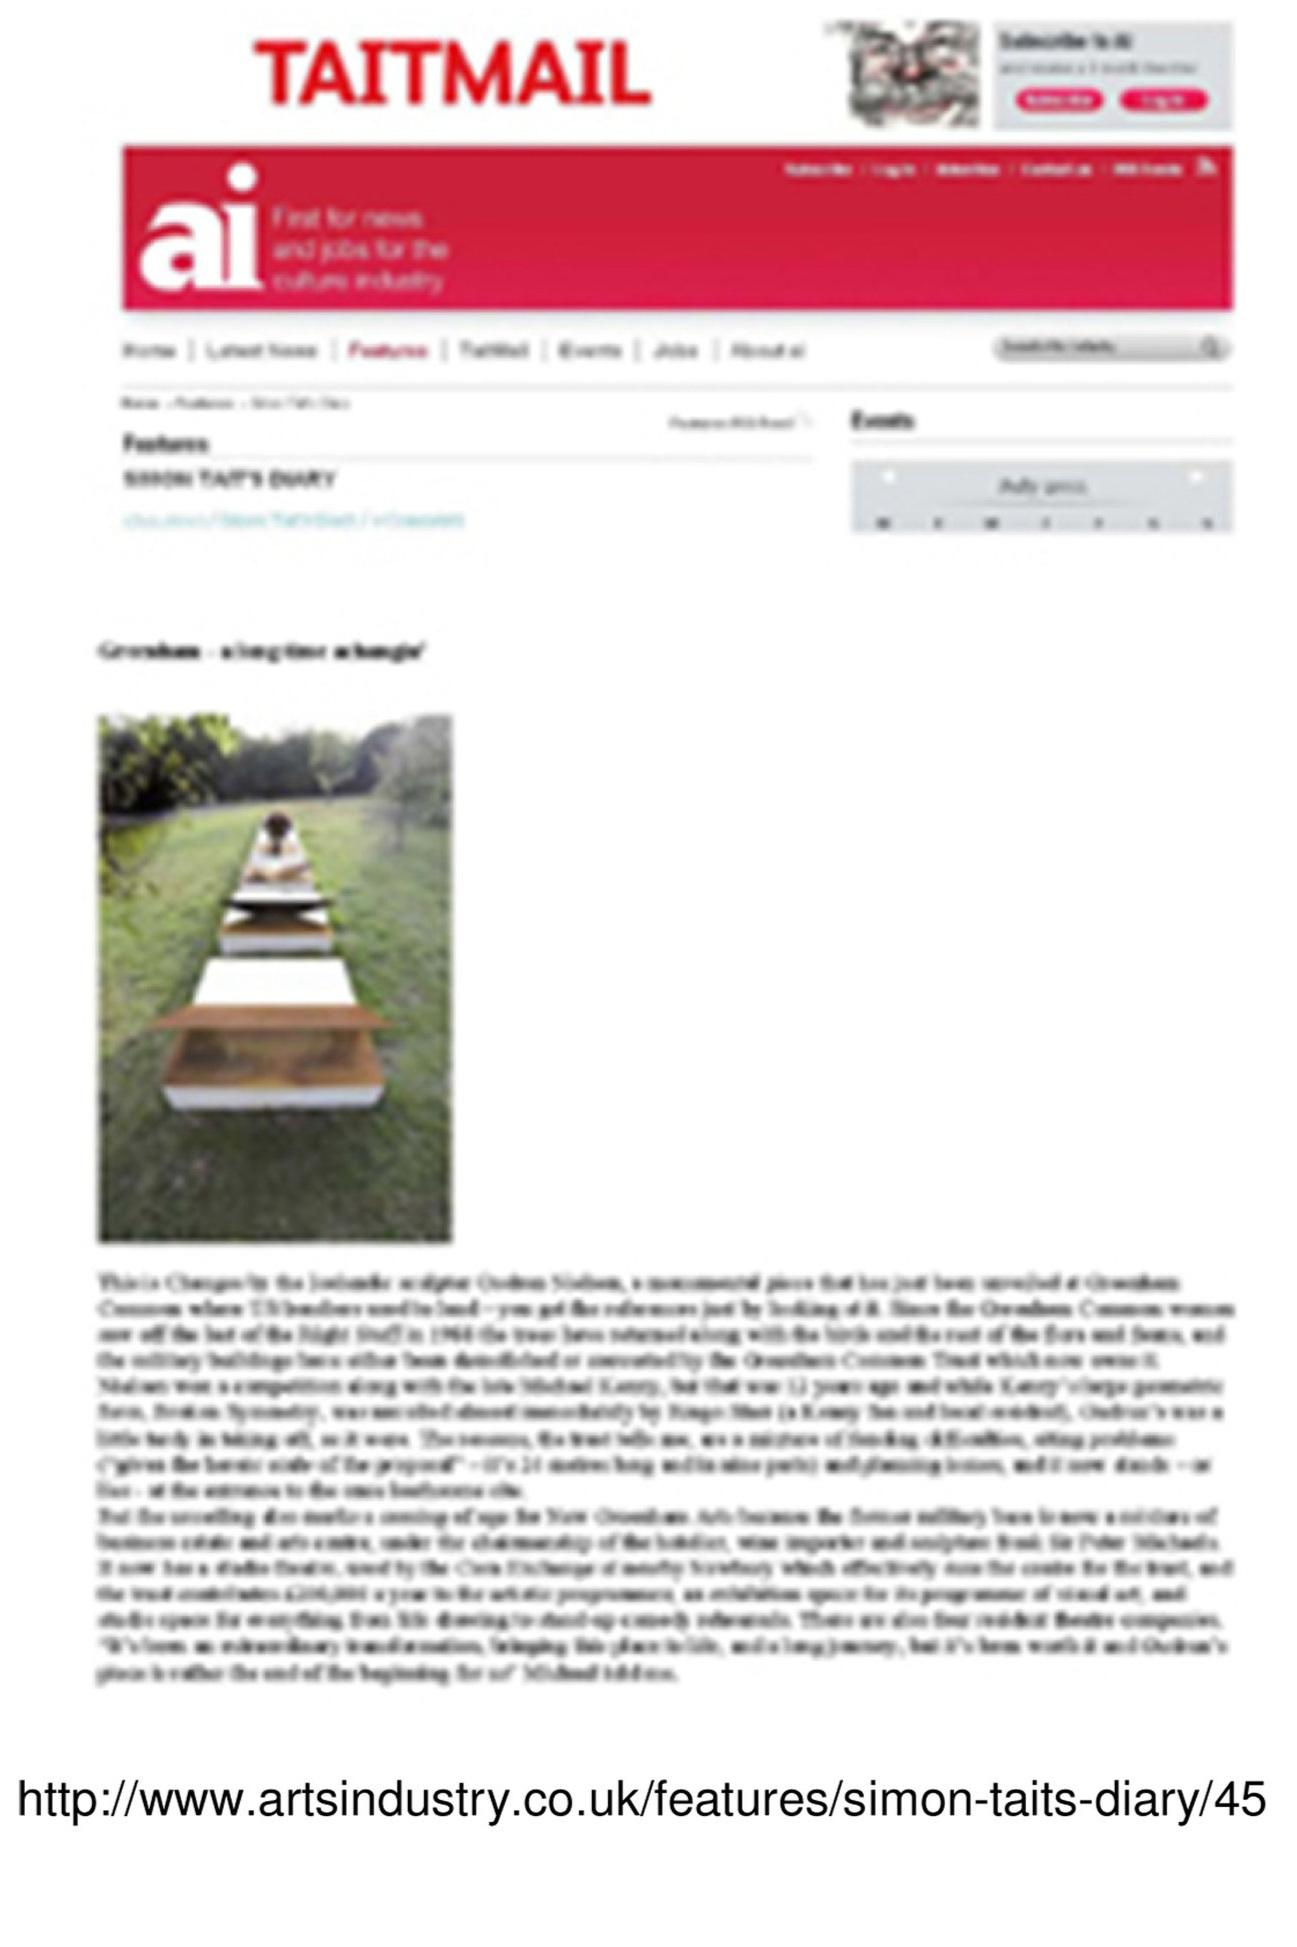 6 2011 Greenham - a long time achangin'  ai Issue 263 text SIMON TAIT'S DIARY 17.Nov.2010.jpg